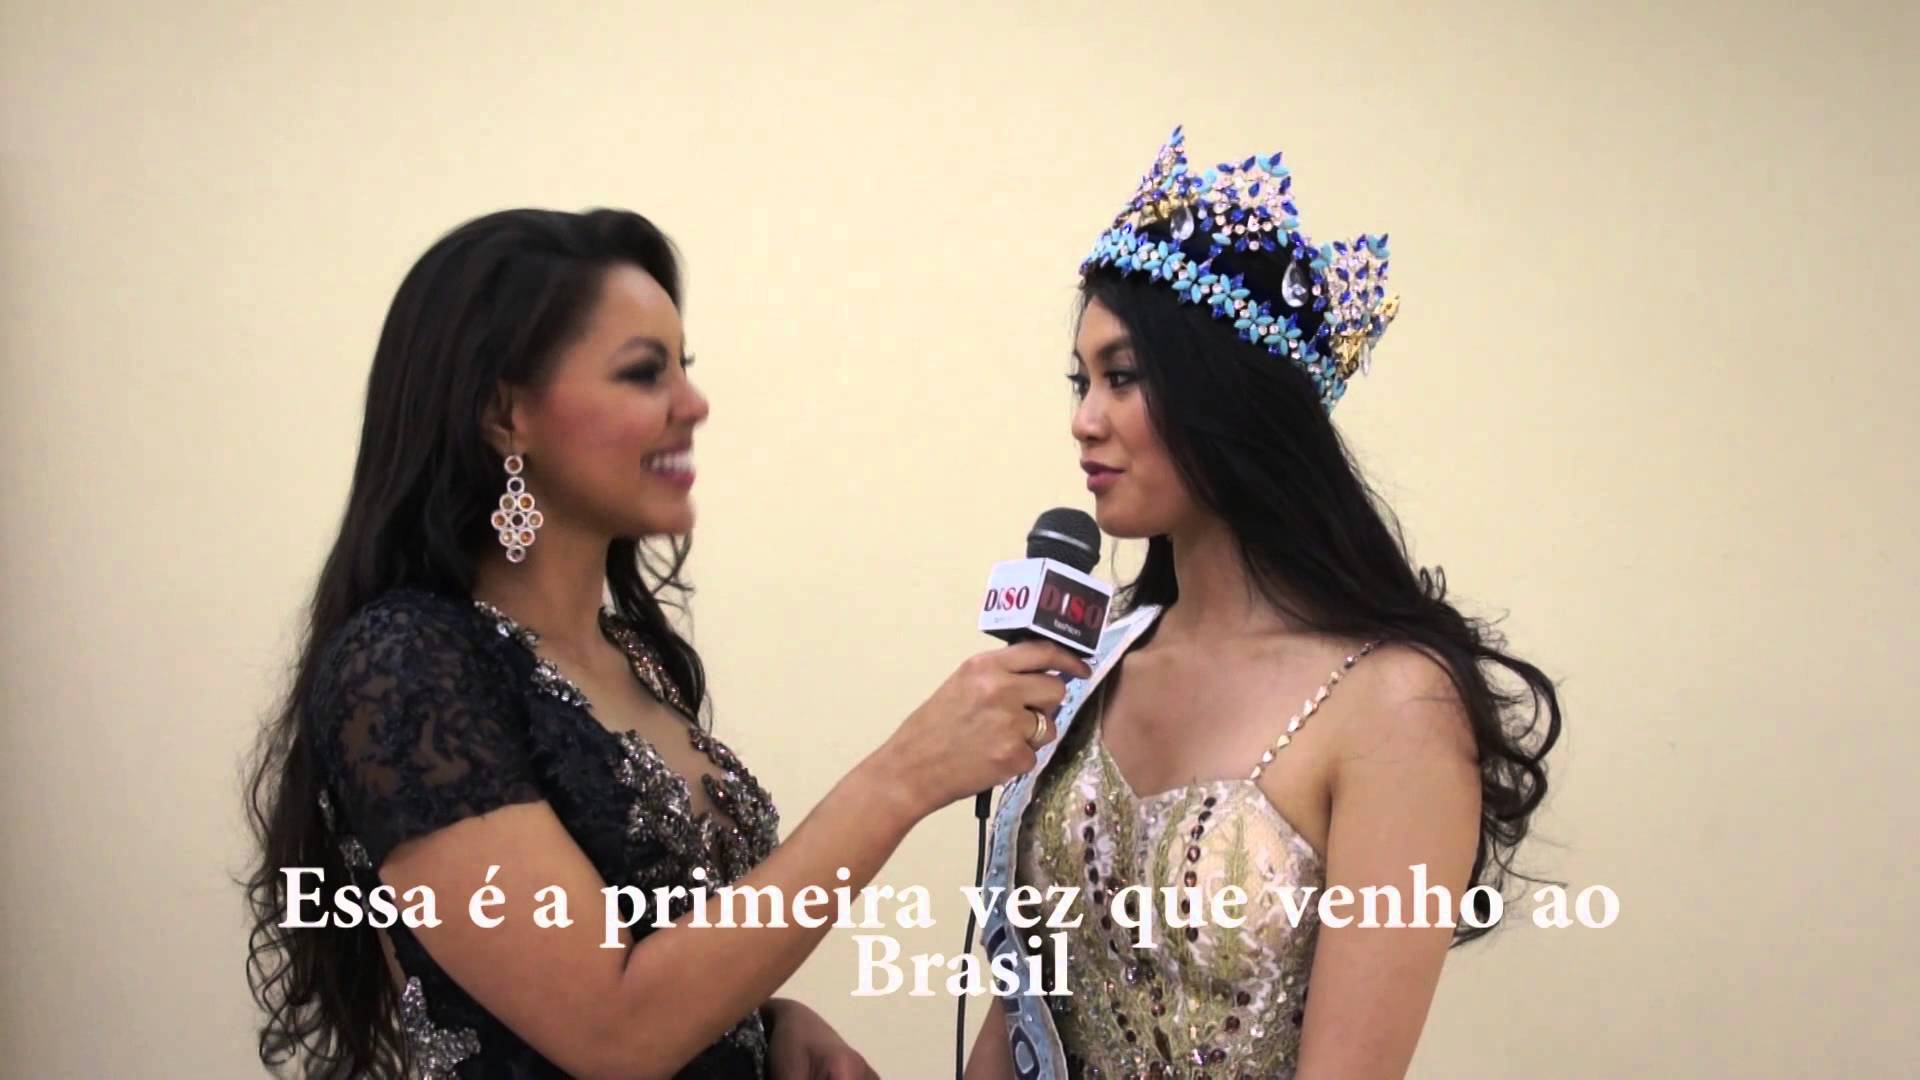 jeanine castro, top 2 de miss tourism queen international 2011. Zljipgmw